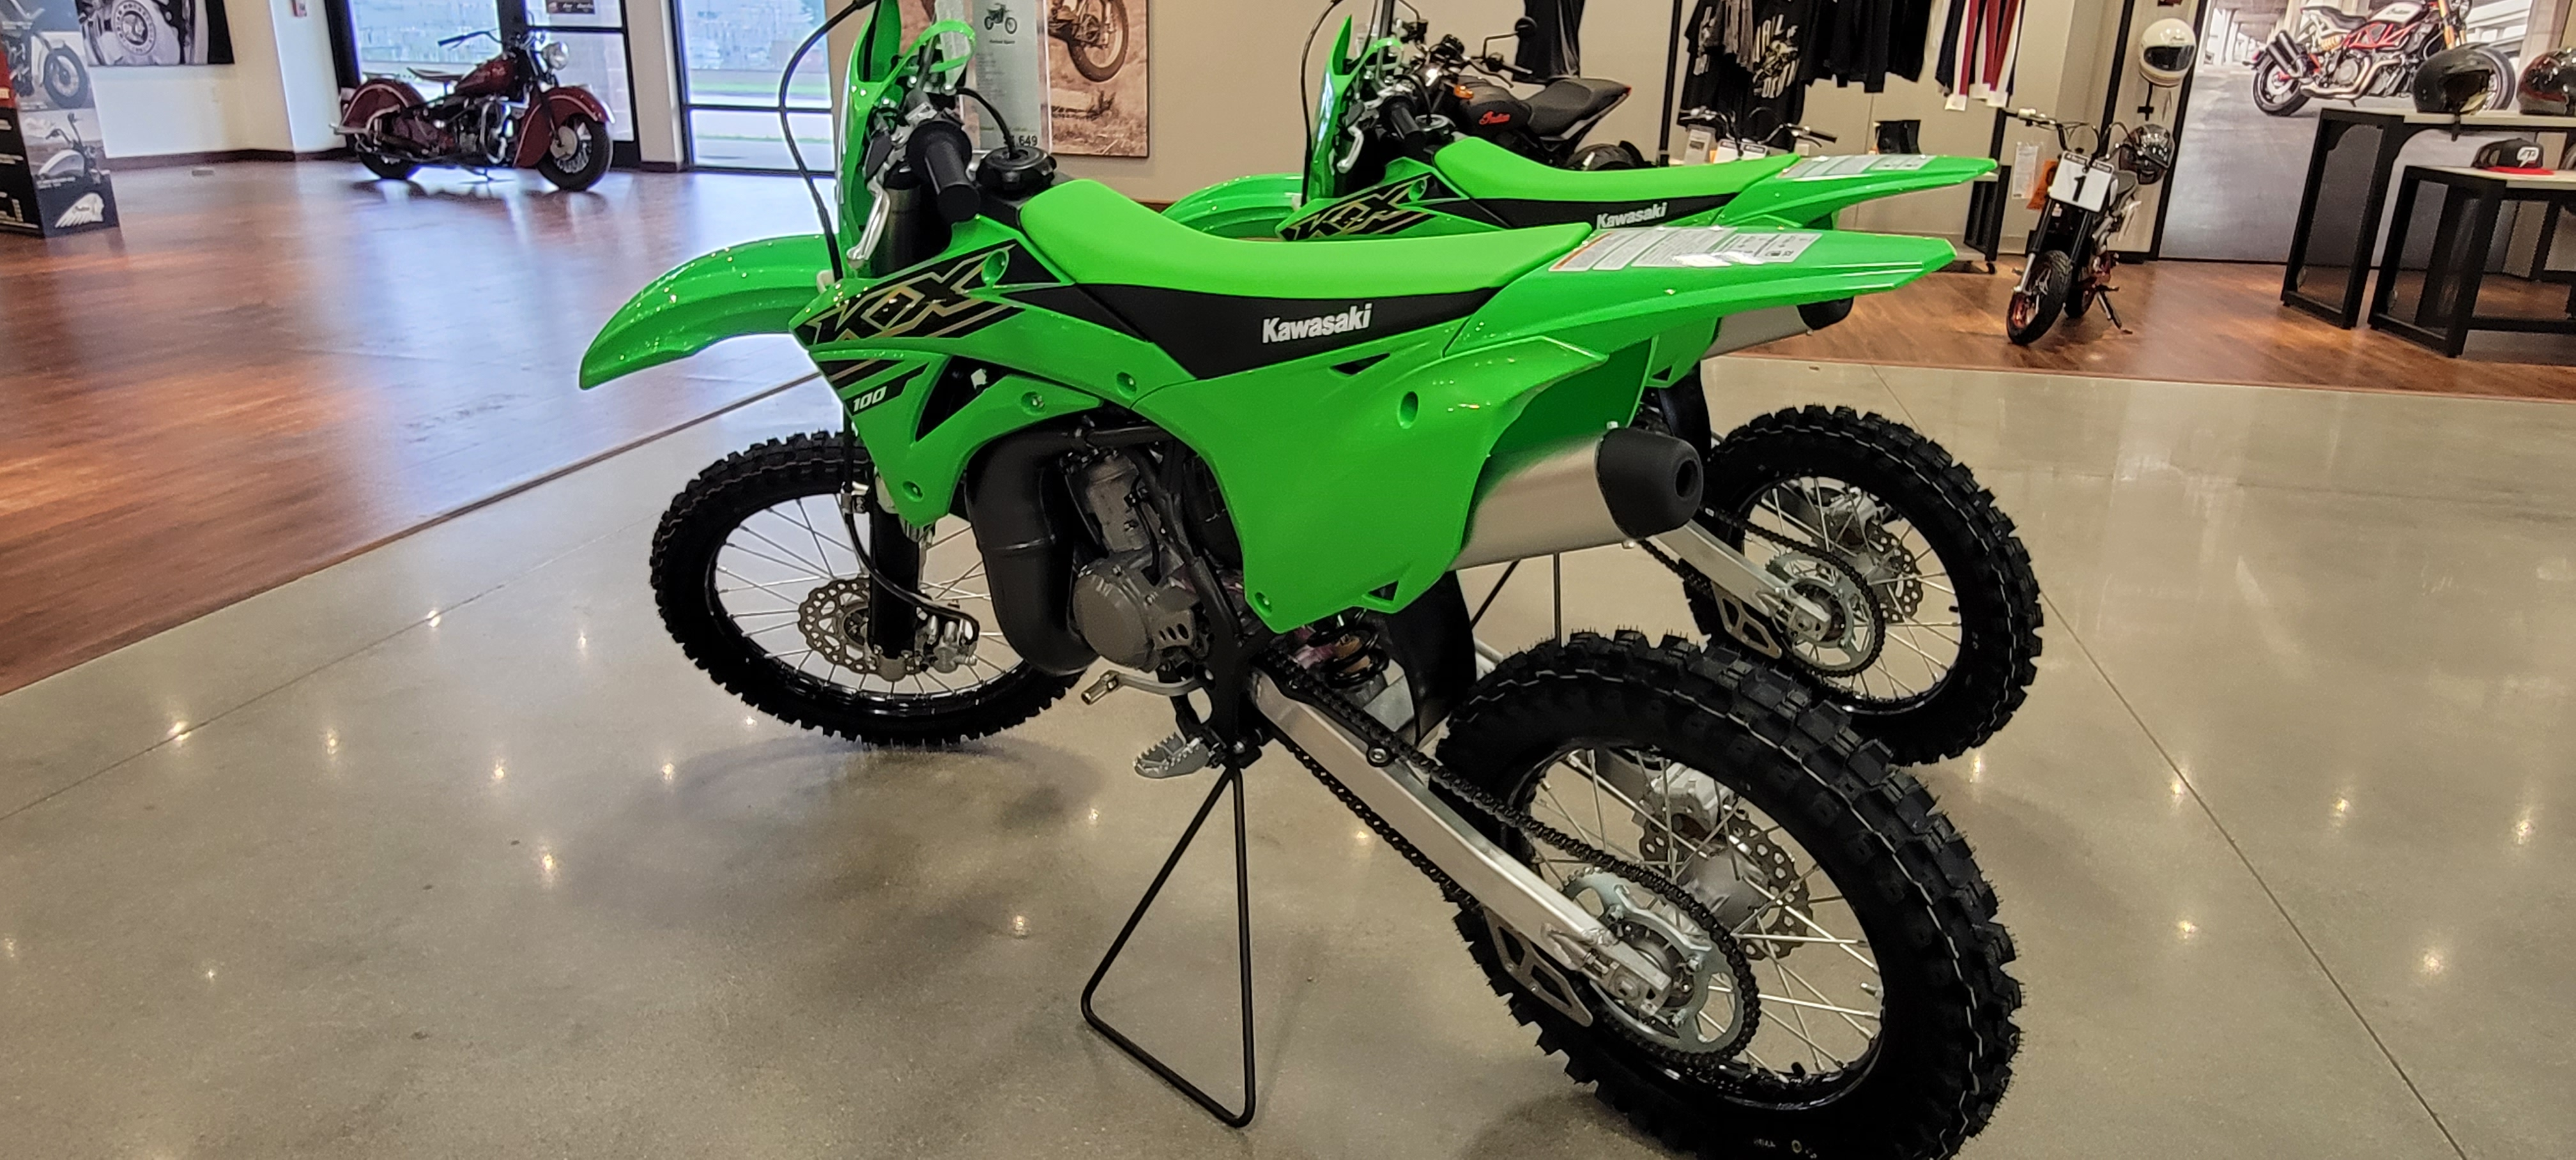 2021 Kawasaki KX 100 at Brenny's Motorcycle Clinic, Bettendorf, IA 52722